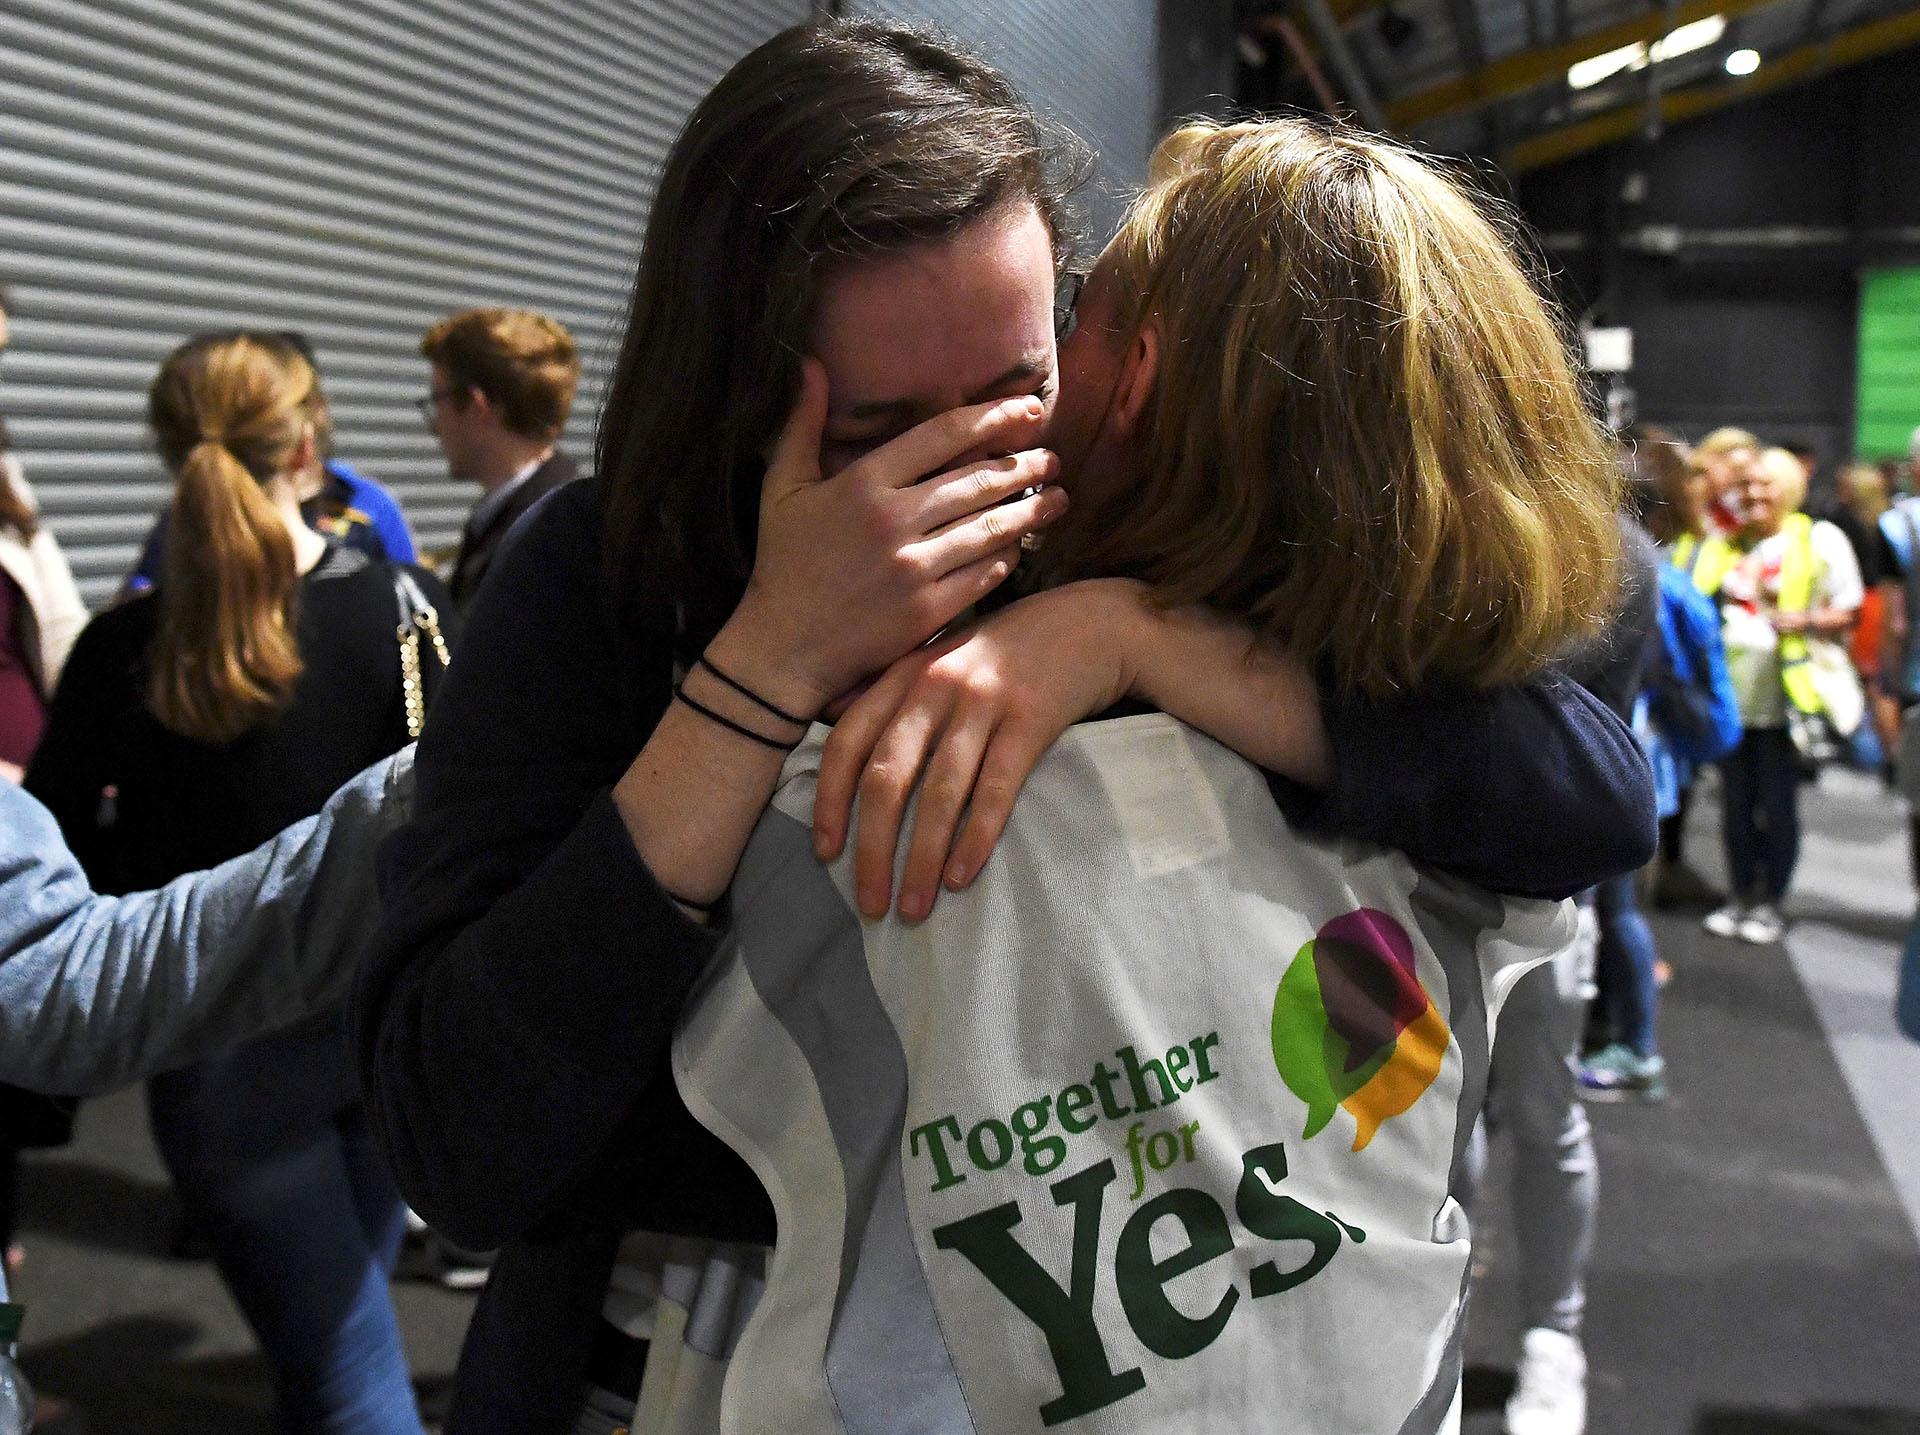 Activistas reaccionan emocionadas a los resultados del referéndum en uno de los centros de votación (REUTERS/Clodagh Kilcoyne)